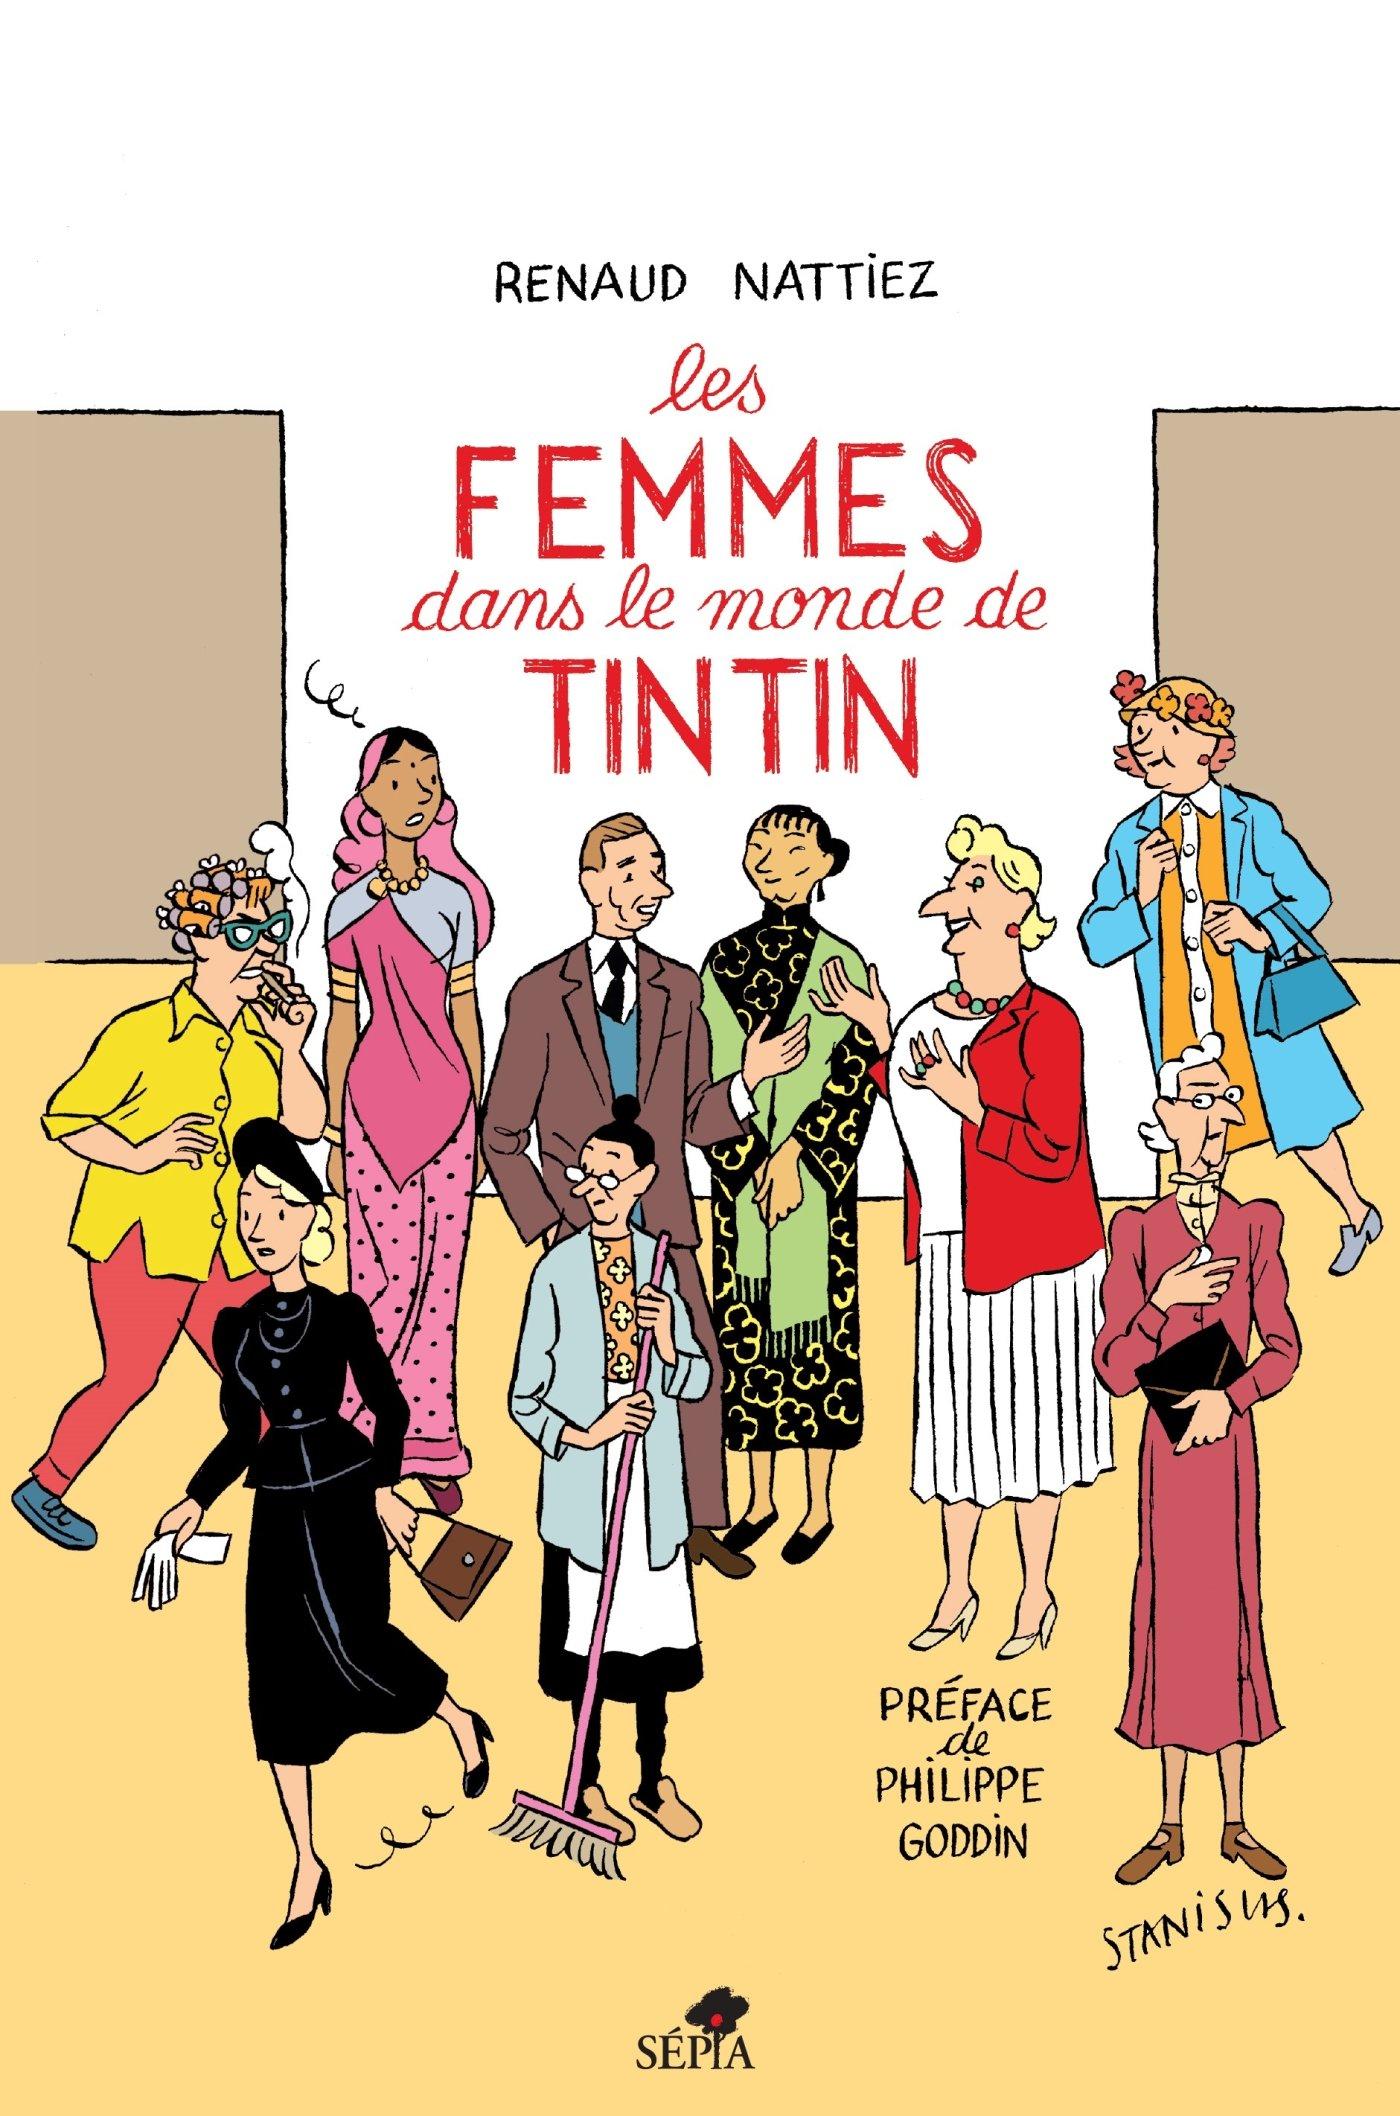 Les femmes dans le monde de Tintin 1 - Les femmes dans le monde de Tintin